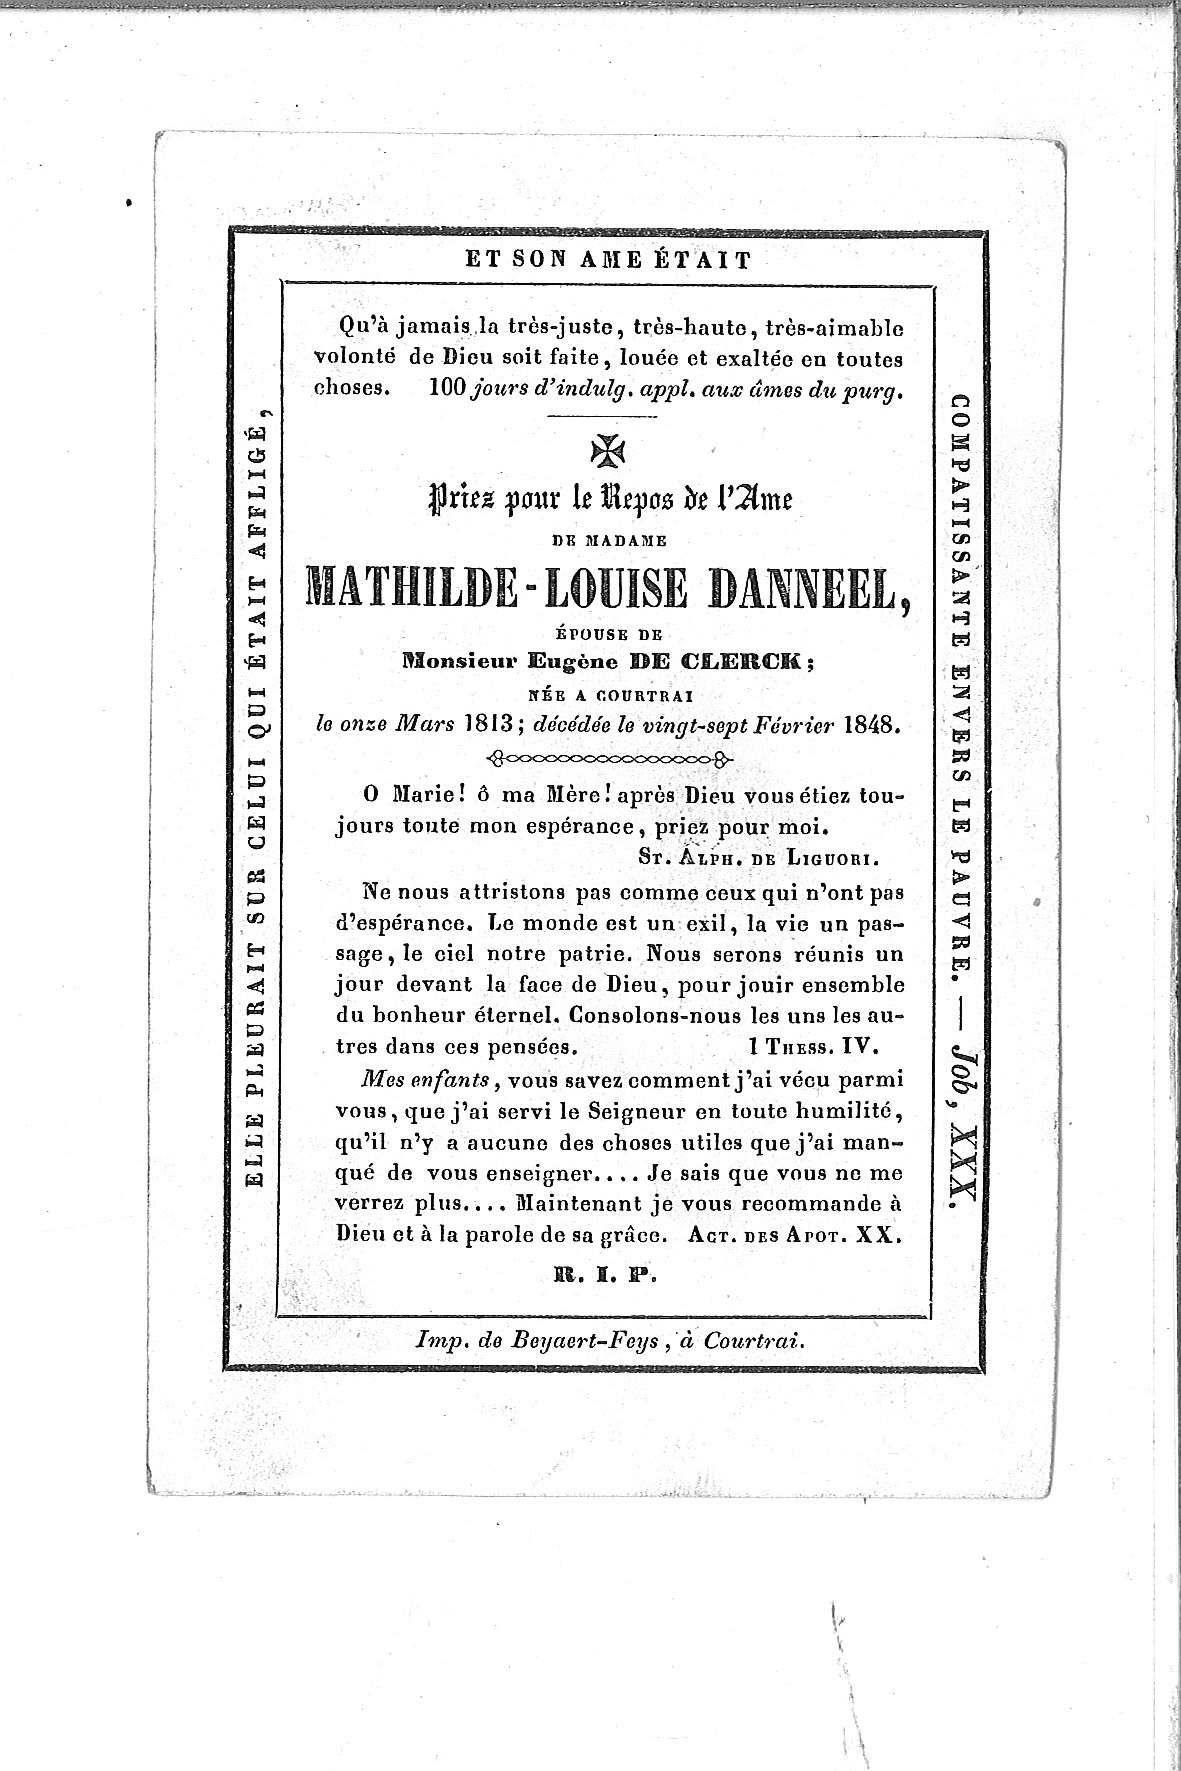 Mathilde-Louise(1848)20140218144923_00018.jpg